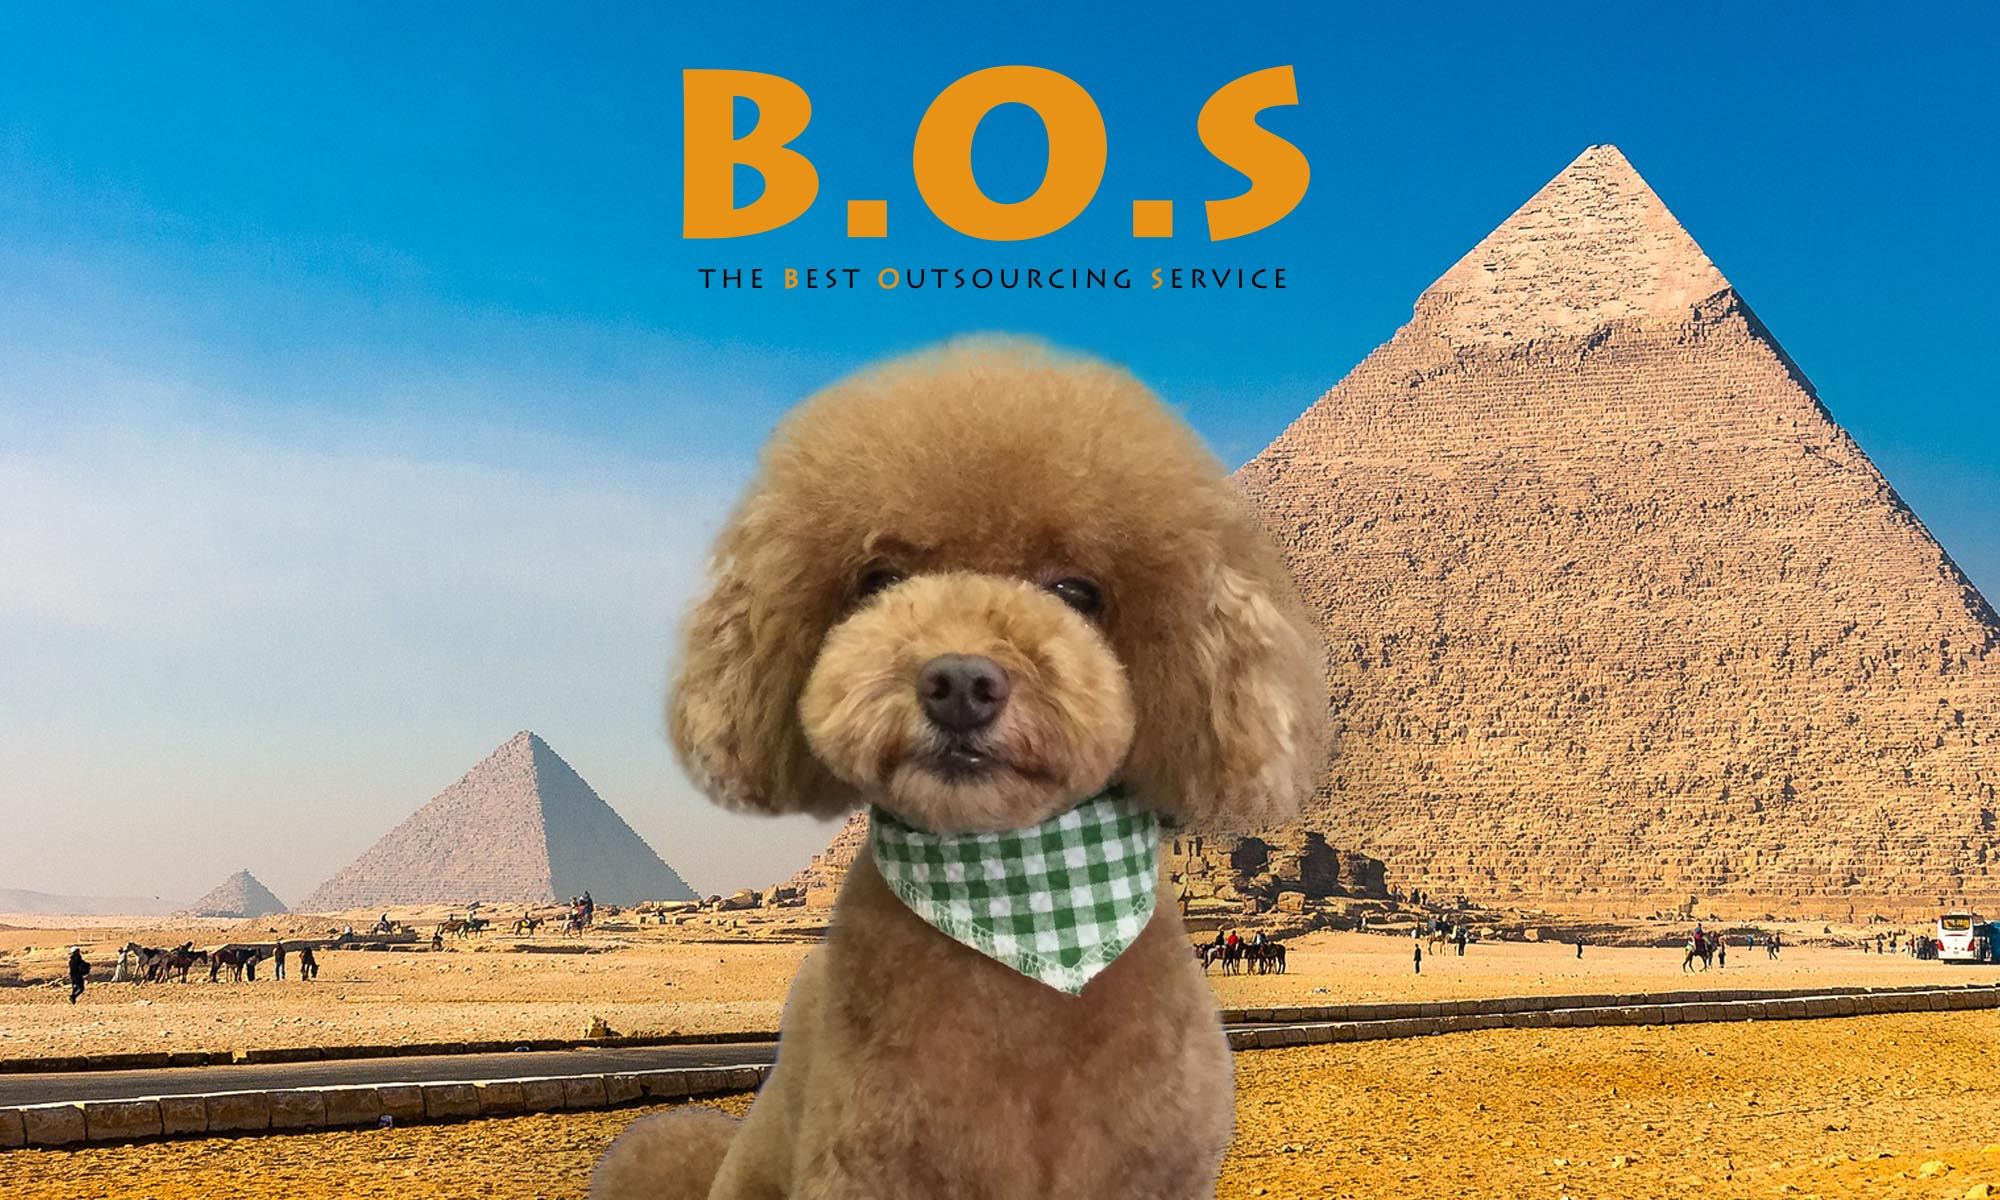 B.O.S